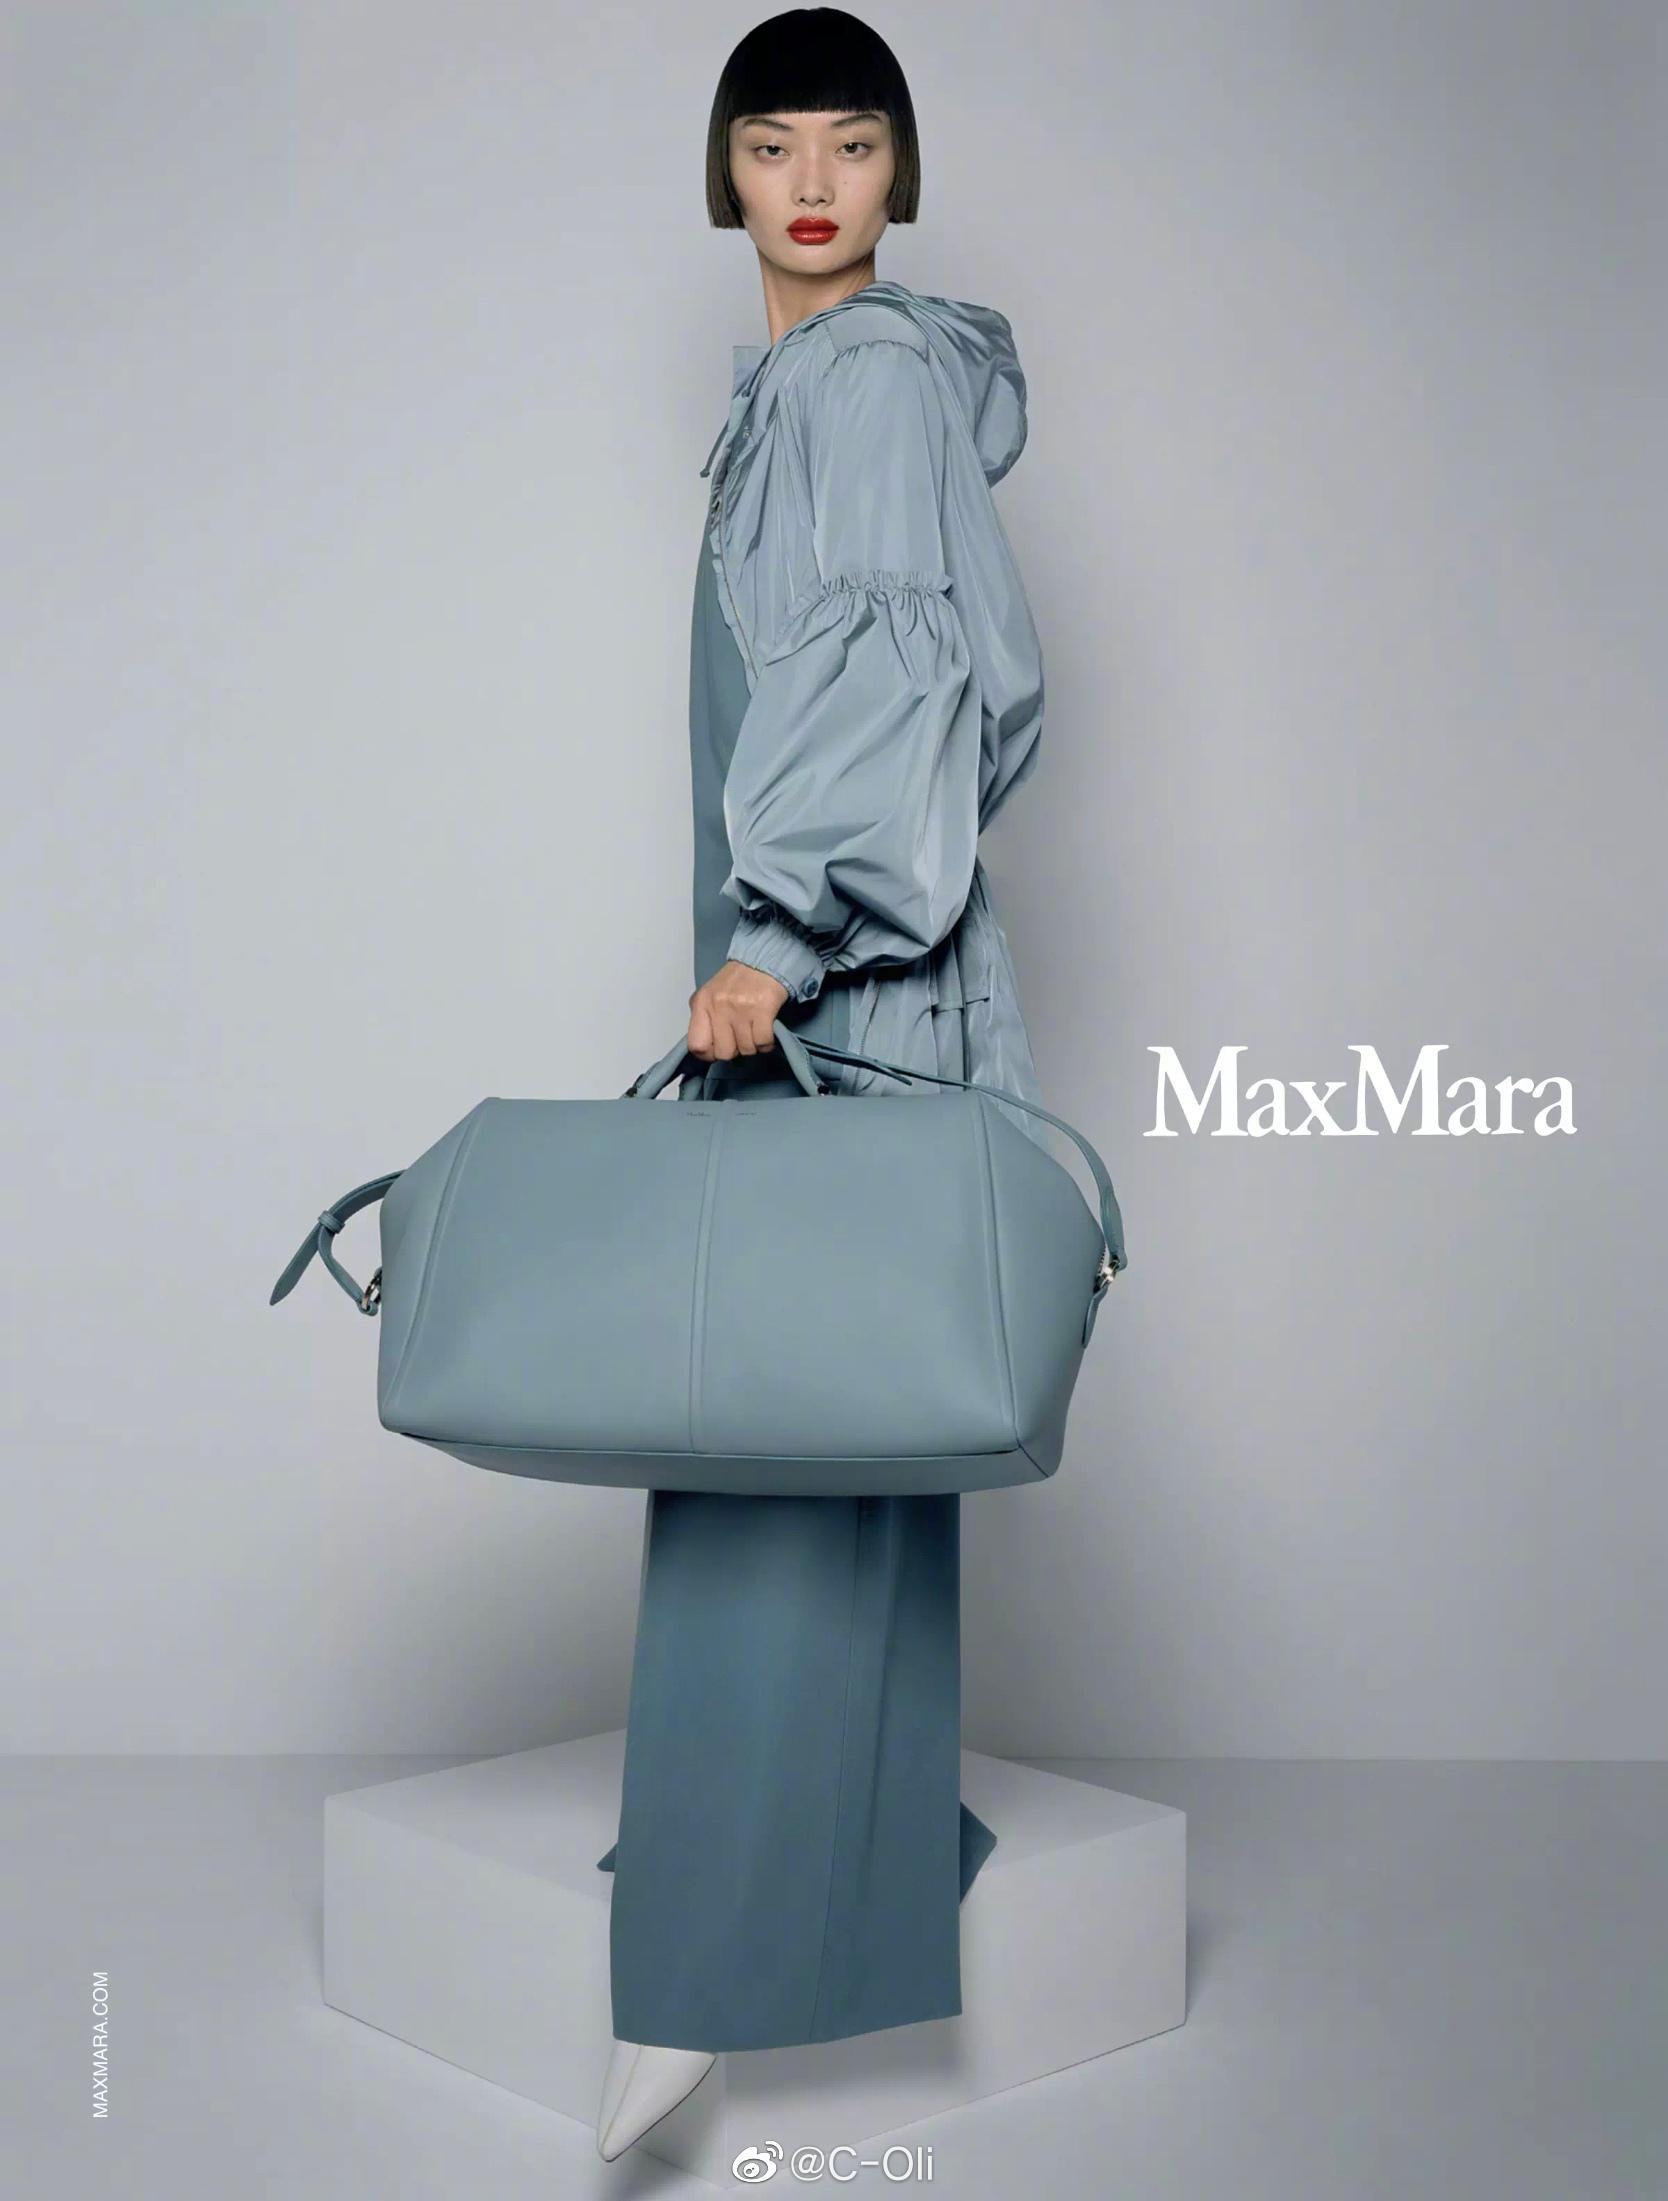 毛小星( @阿星毛 )首次为Max Mara走秀即拿下广告,好棒!……